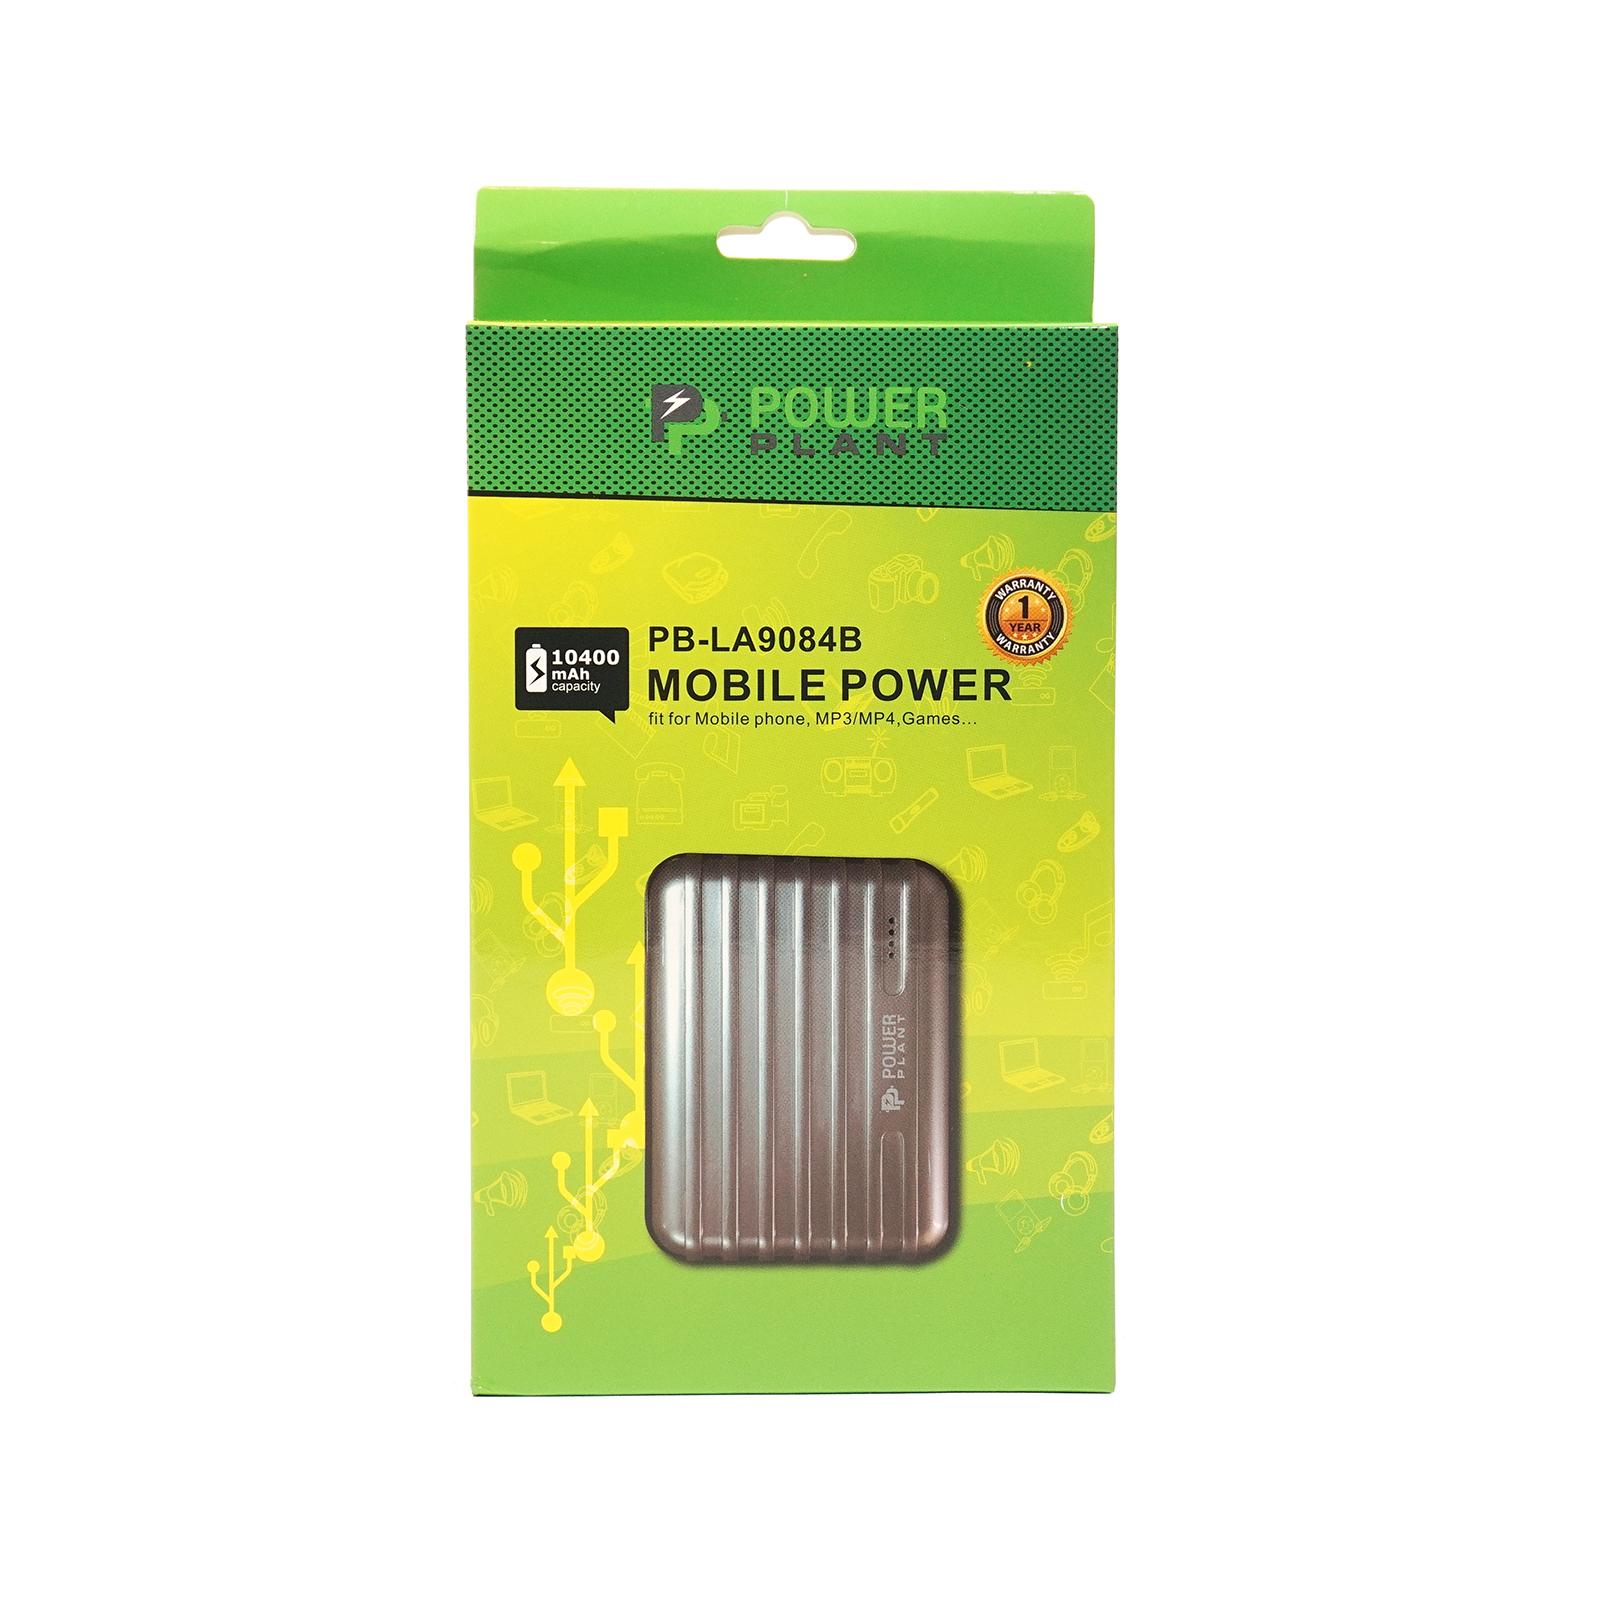 Батарея универсальная PowerPlant PPLA9084B, 10400mAh (PPLA9084B) изображение 6